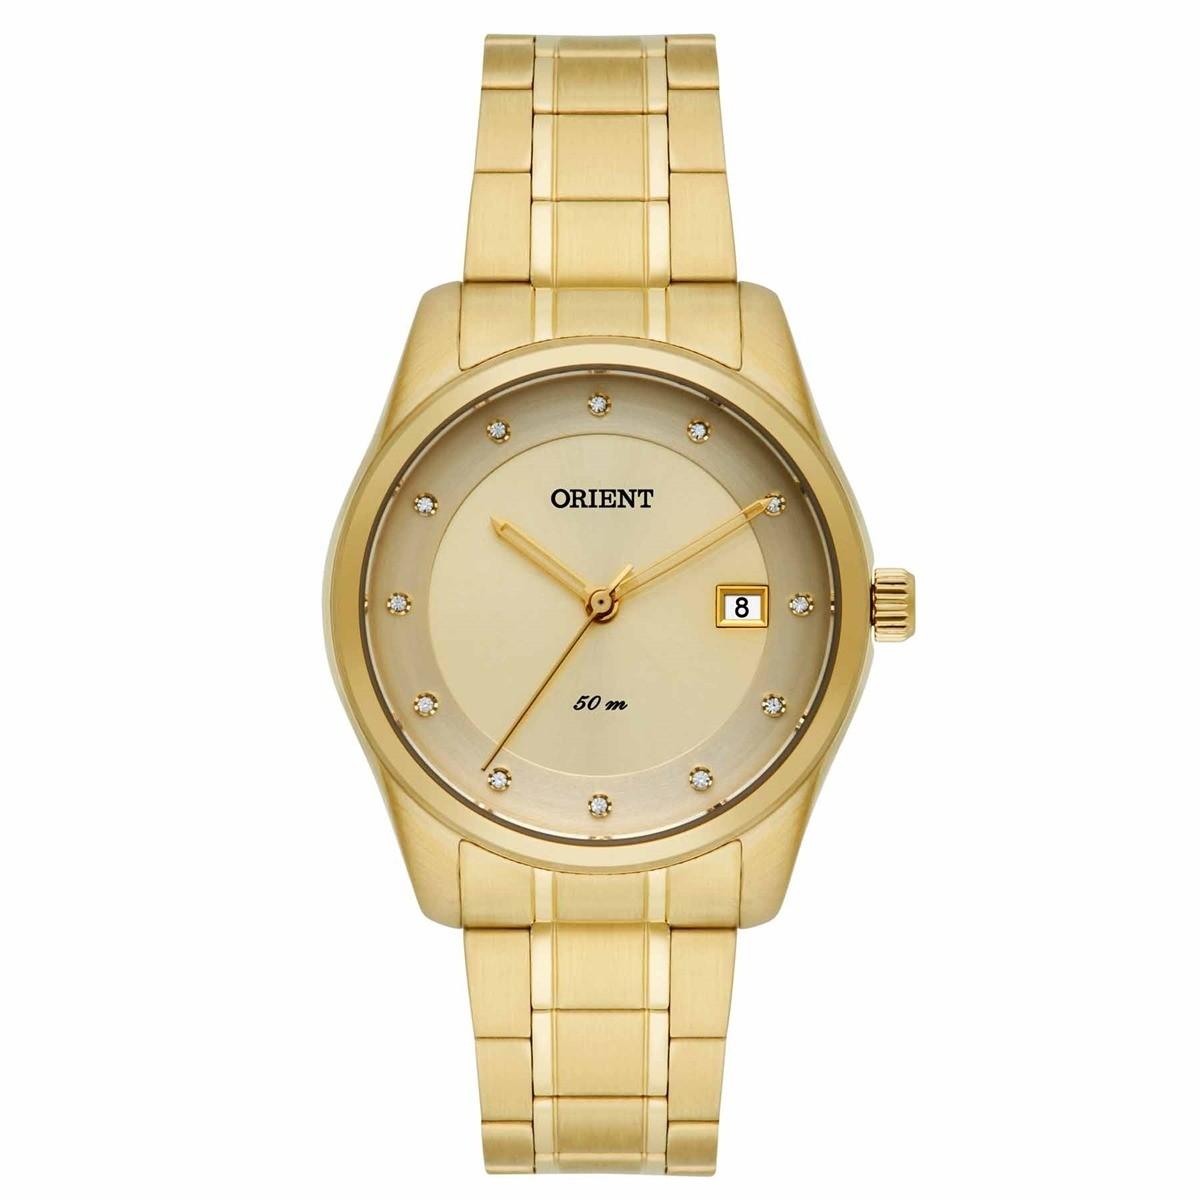 Relógio Orient Feminino - FGSS1114 C1KX  - Dumont Online - Joias e Relógios